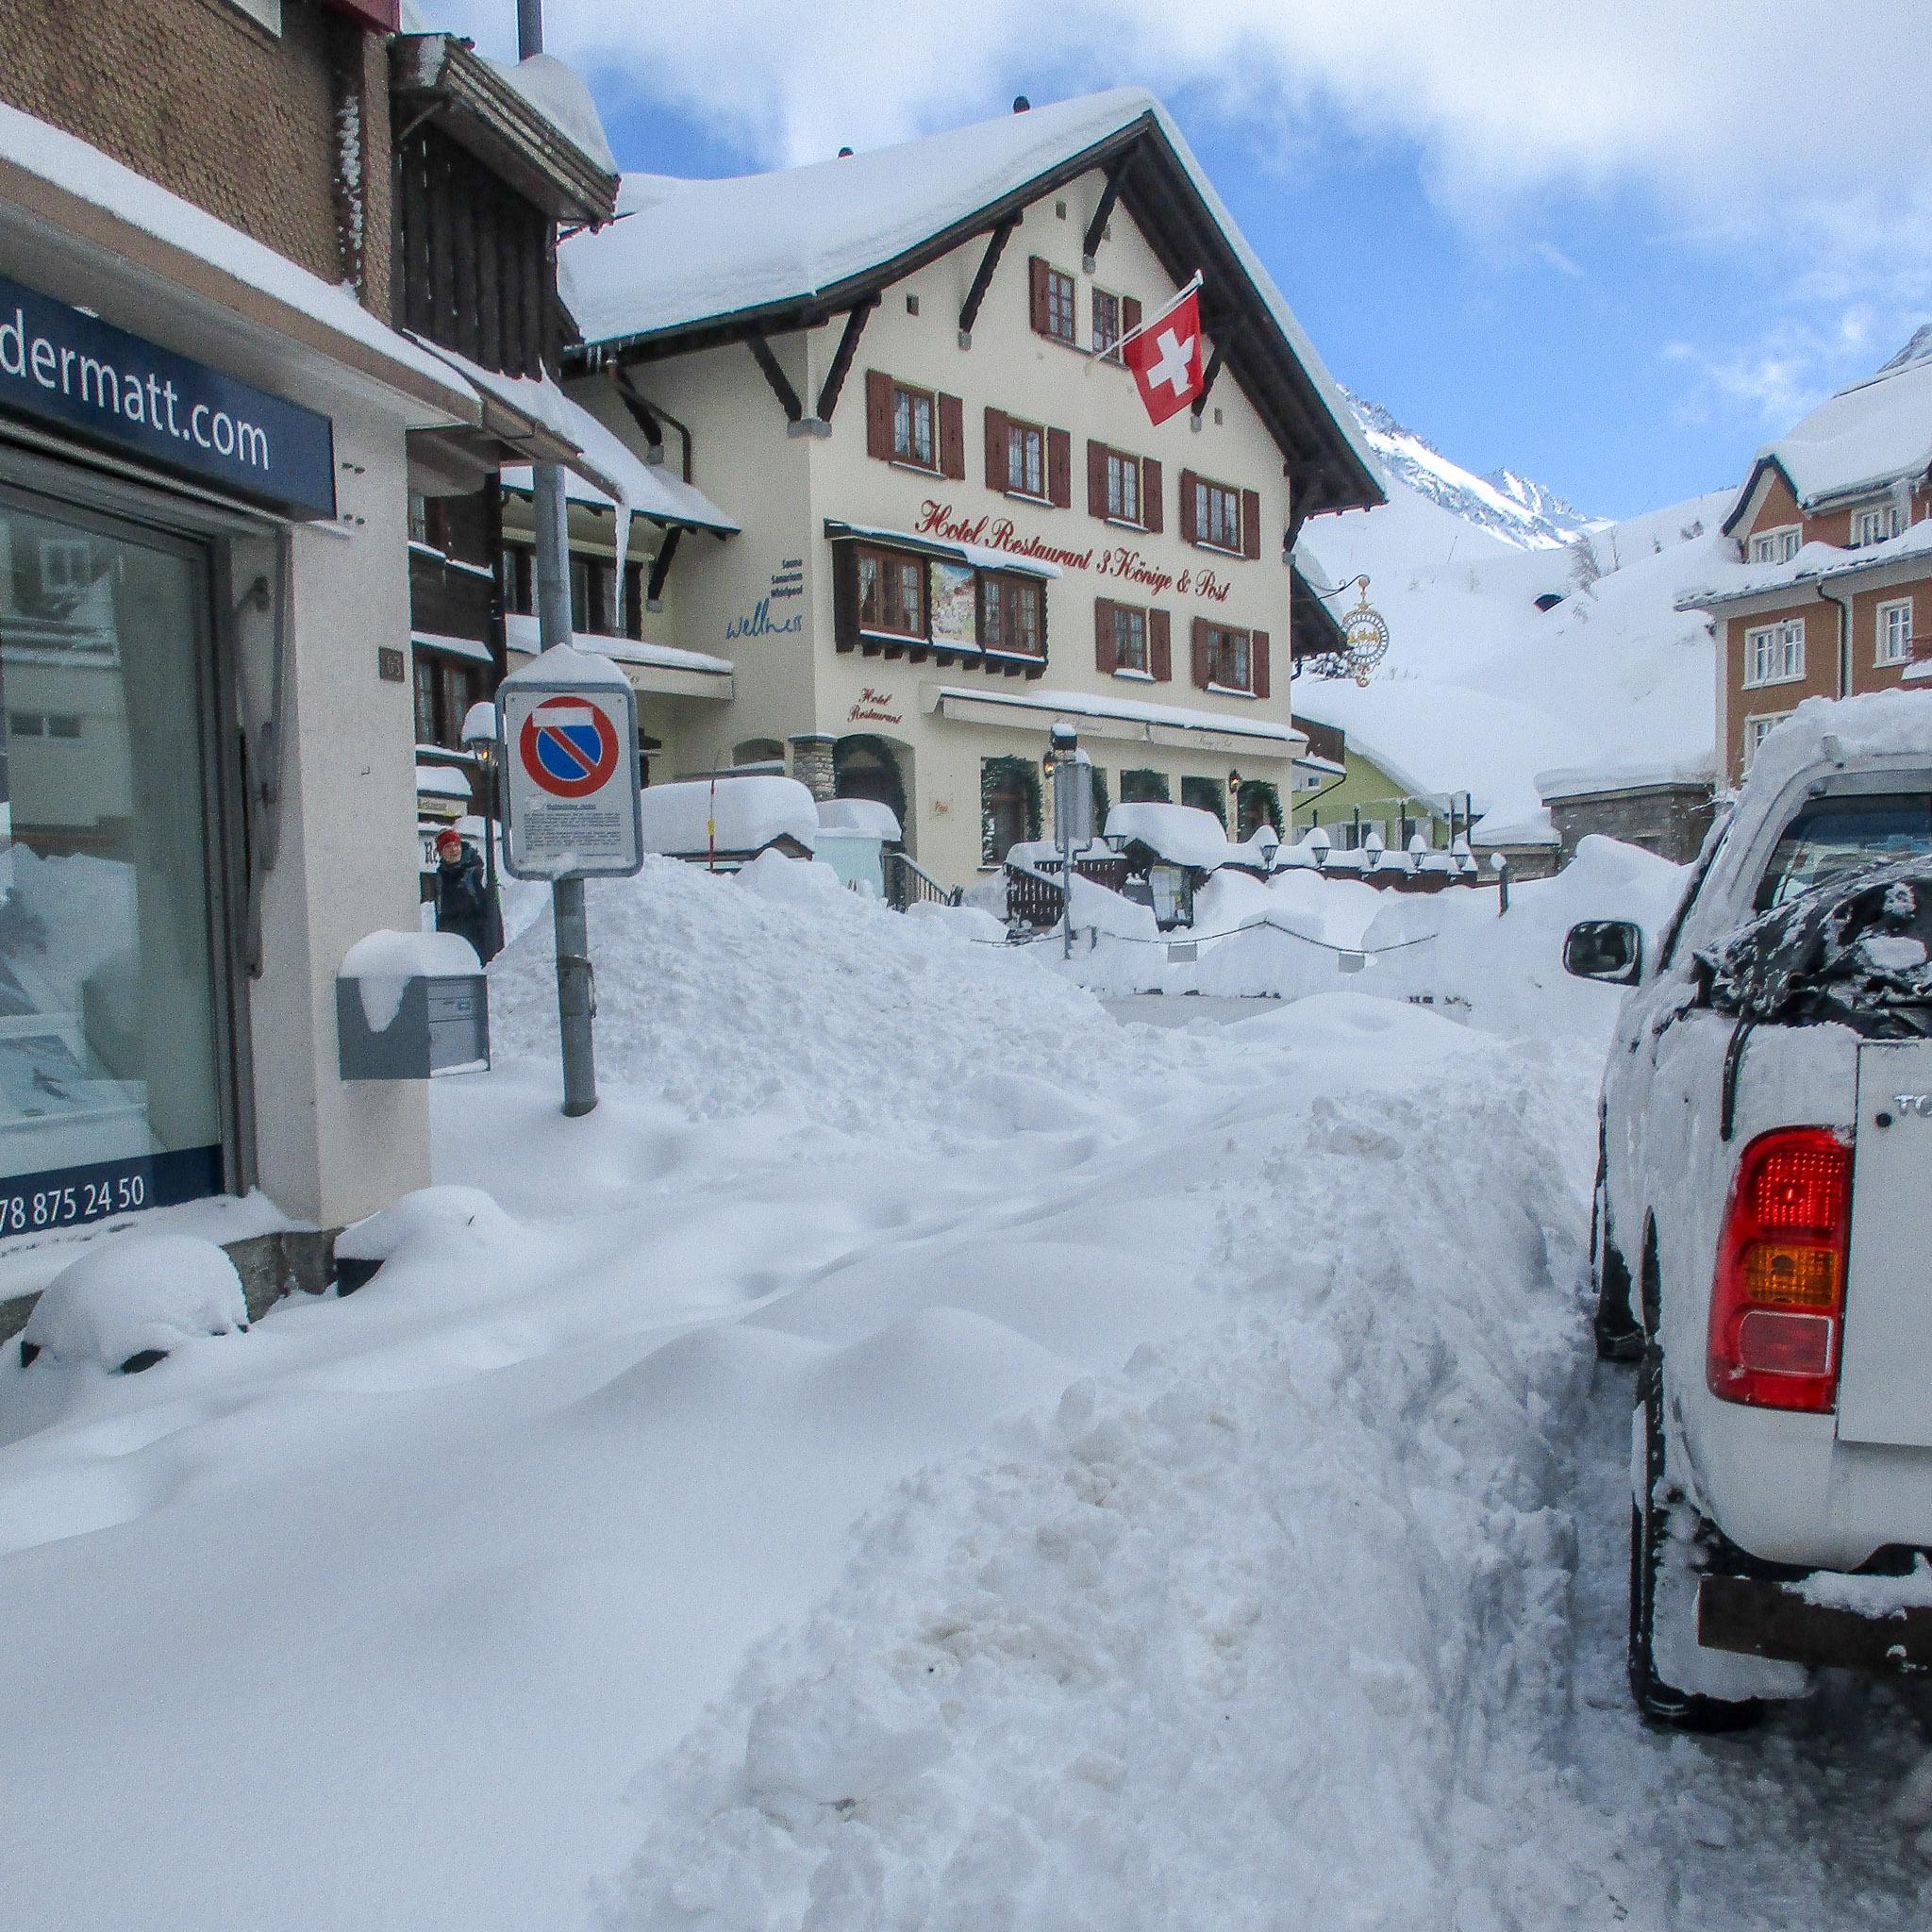 Snowed in?, Andermatt